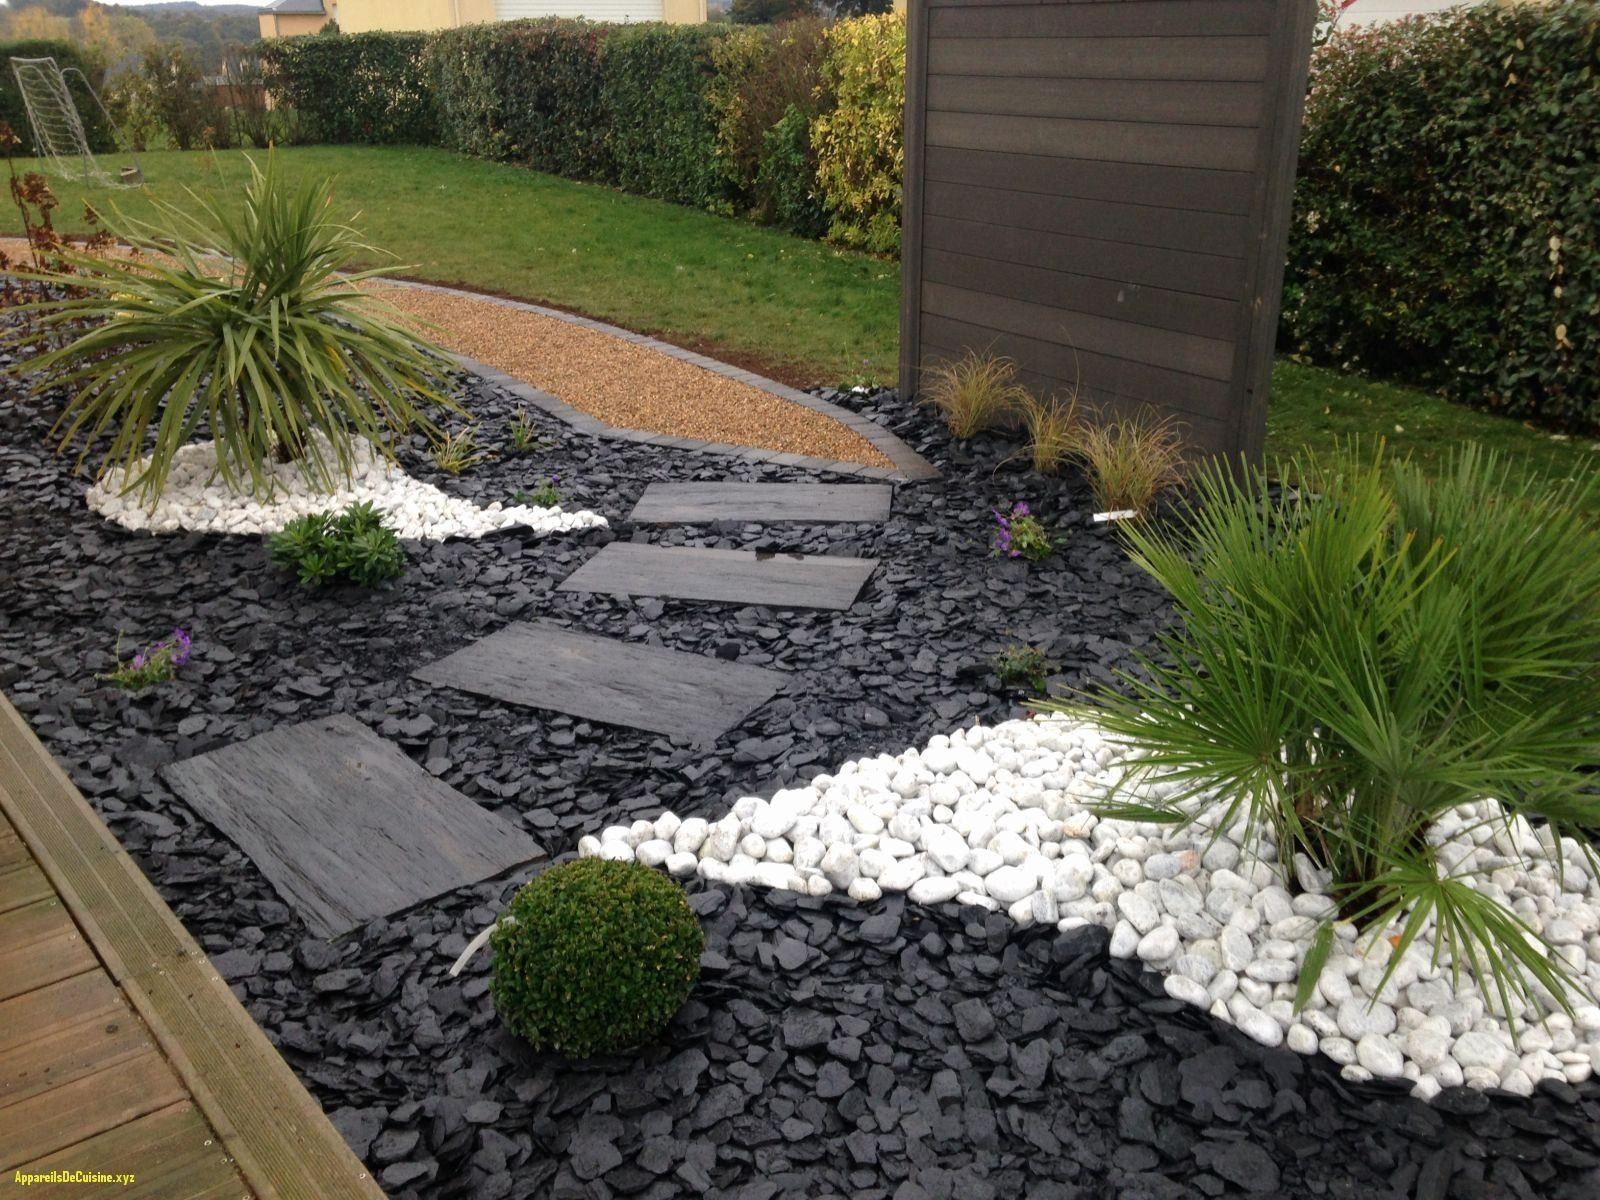 Jardin Zen Exterieur Best Of Amenagement Butte Exterieur ... intérieur Jardin Avec Galets Blancs